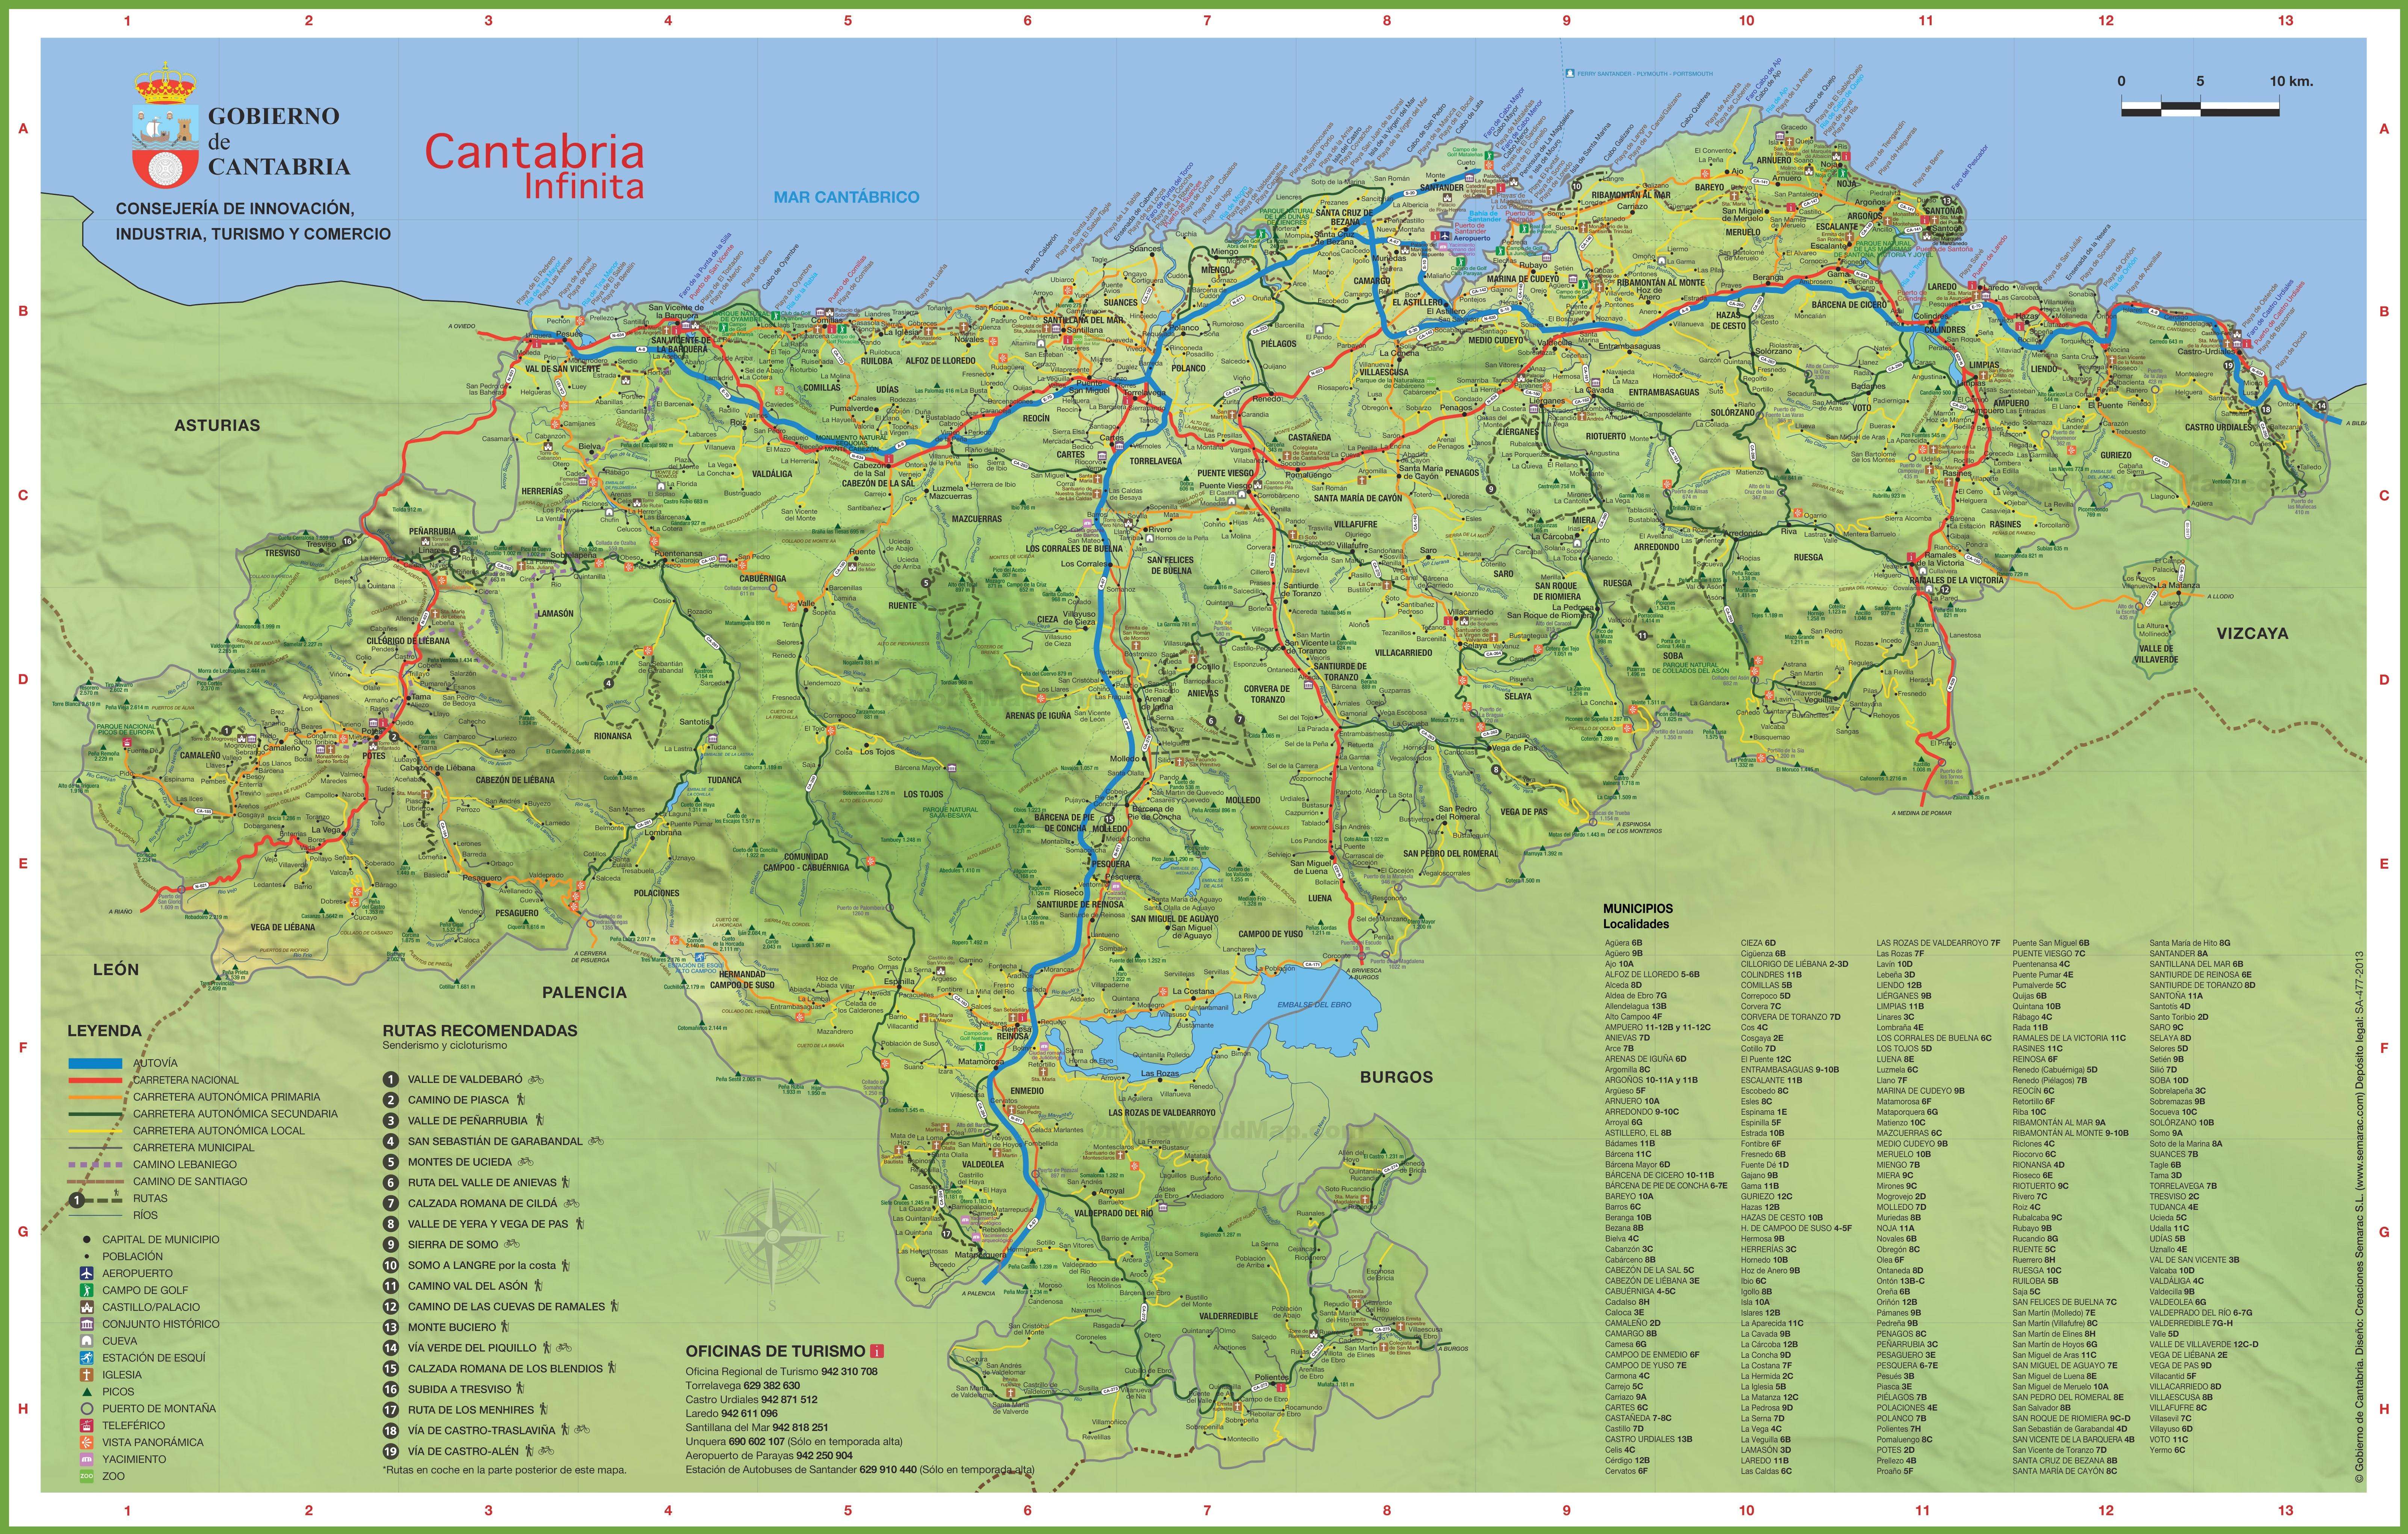 Cantabria travel map